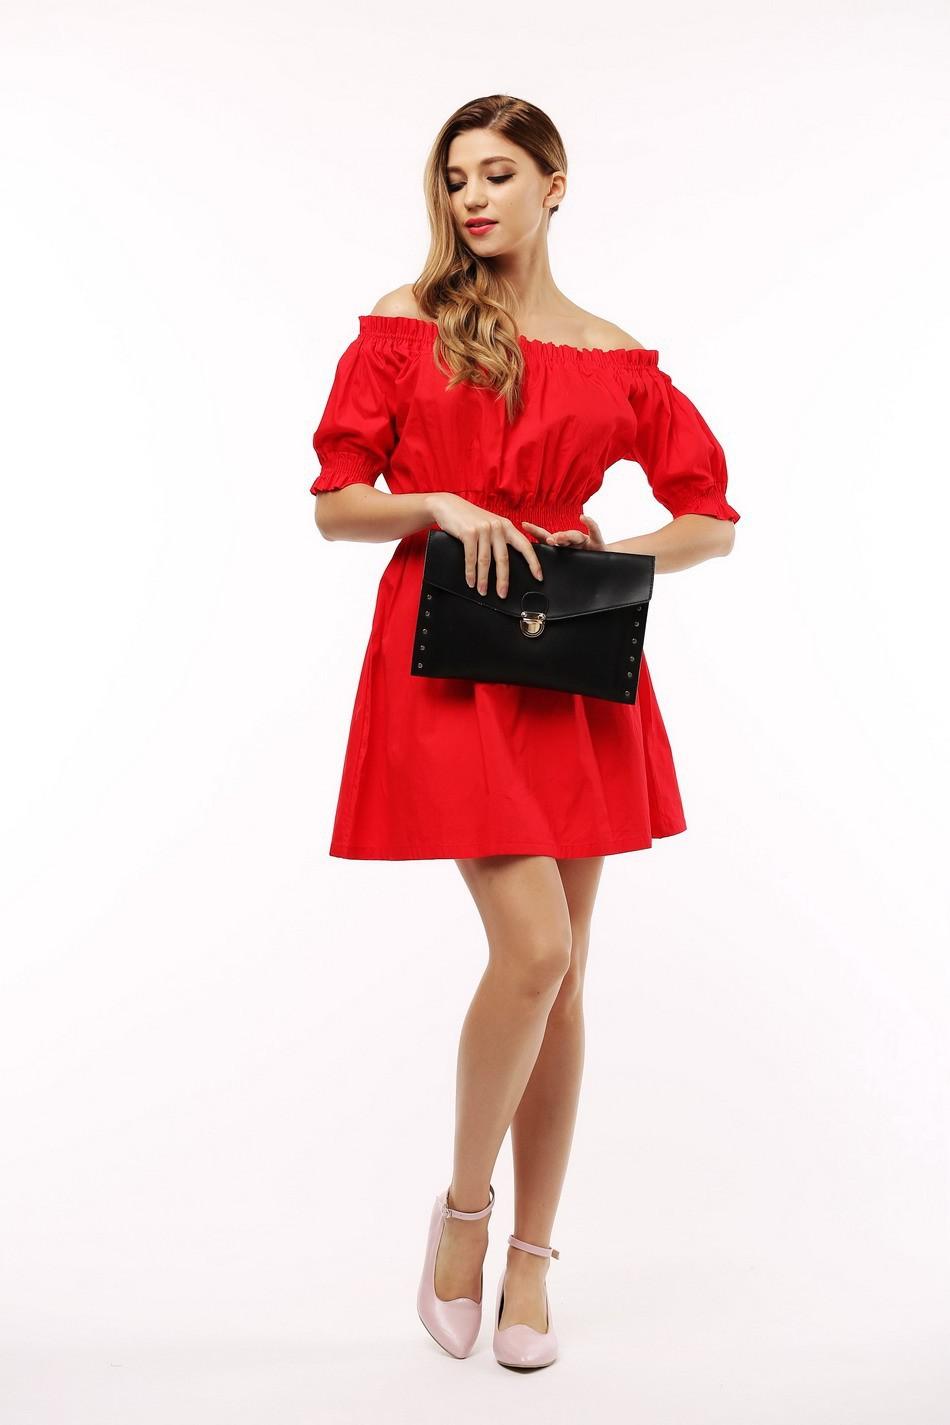 100% bawełna nowy 2017 jesień lato kobiety dress krótki rękaw casual sukienki plus size vestidos wc0380 3